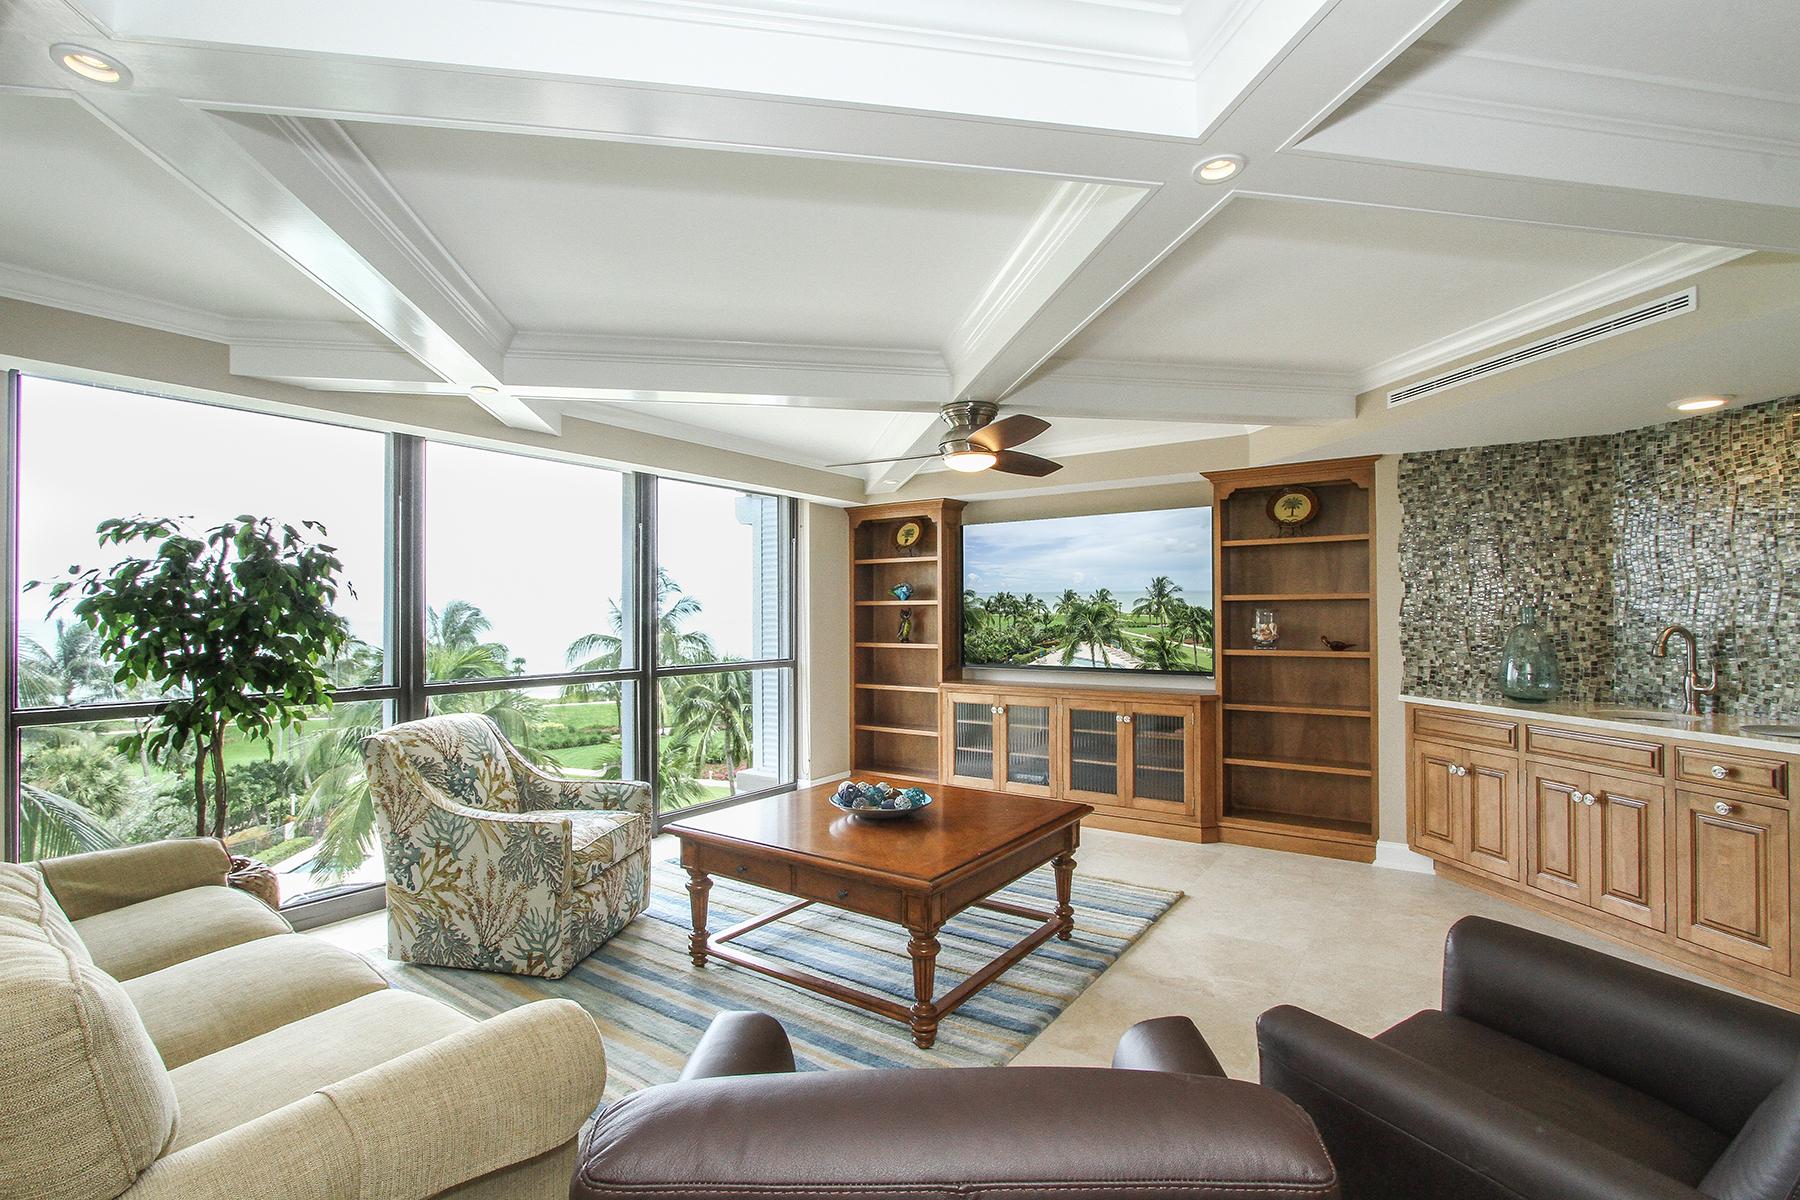 rentals property at PARK SHORE - MONACO BEACH CLUB